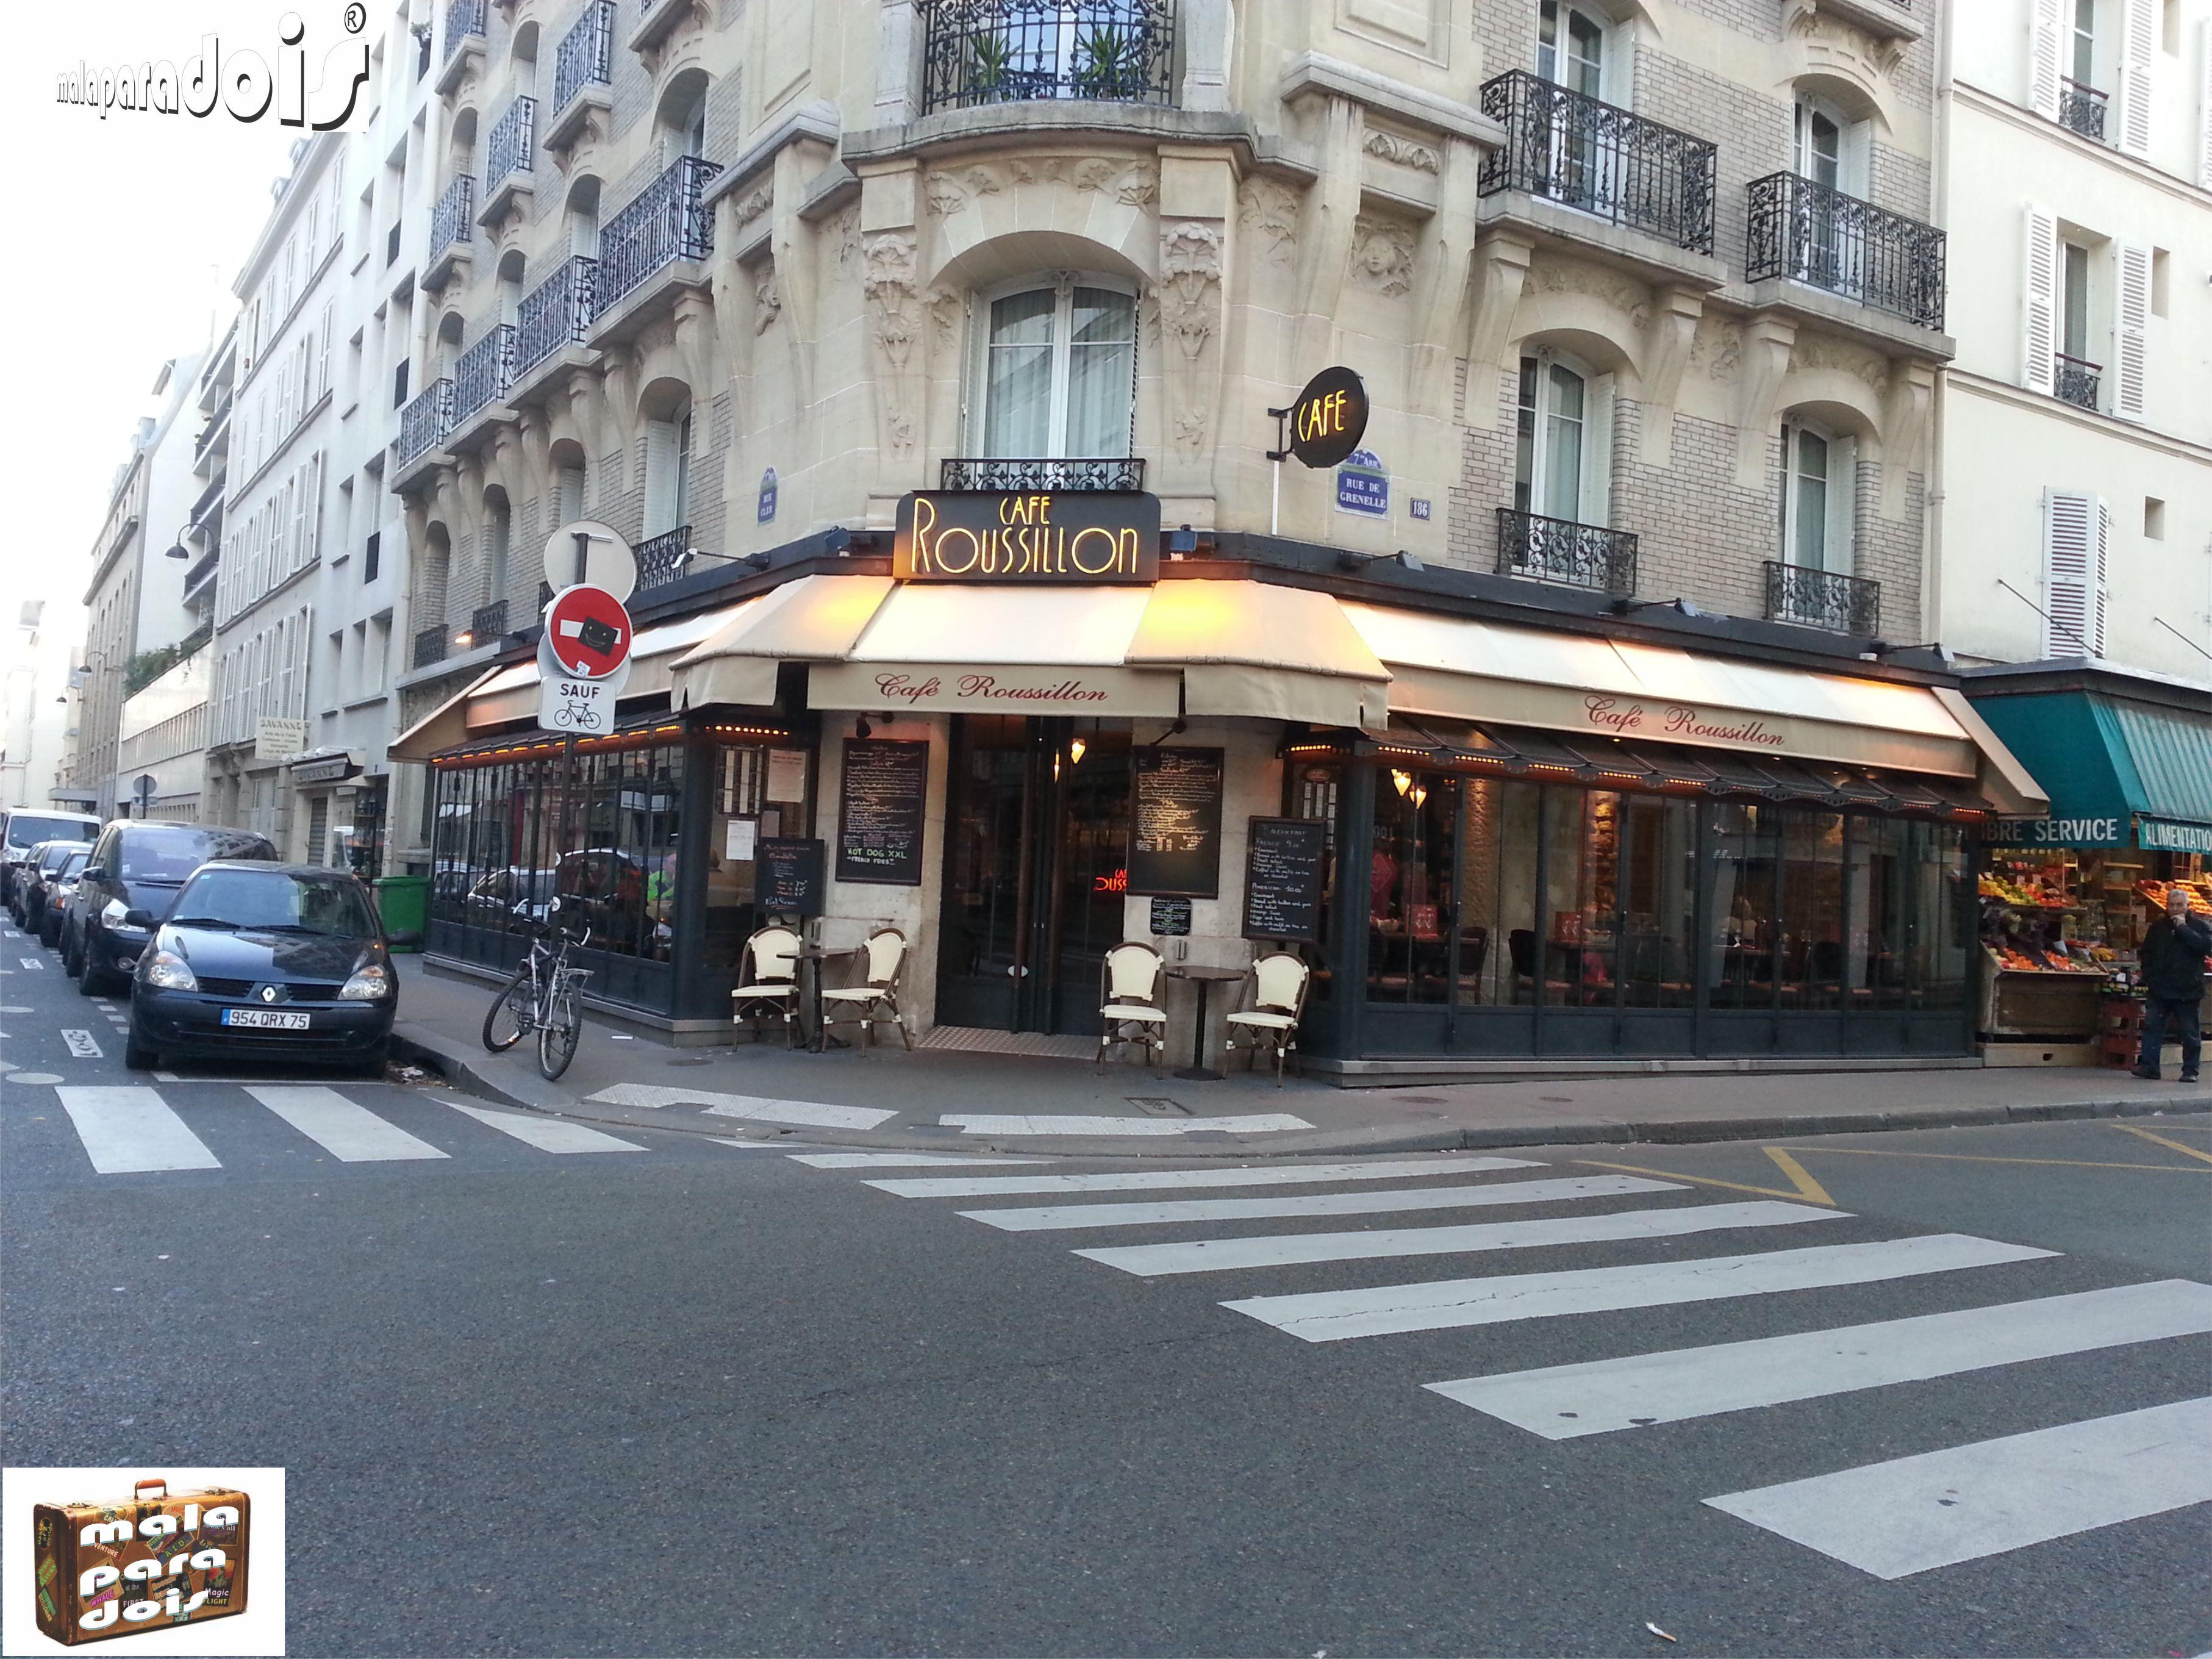 Café Roussillon